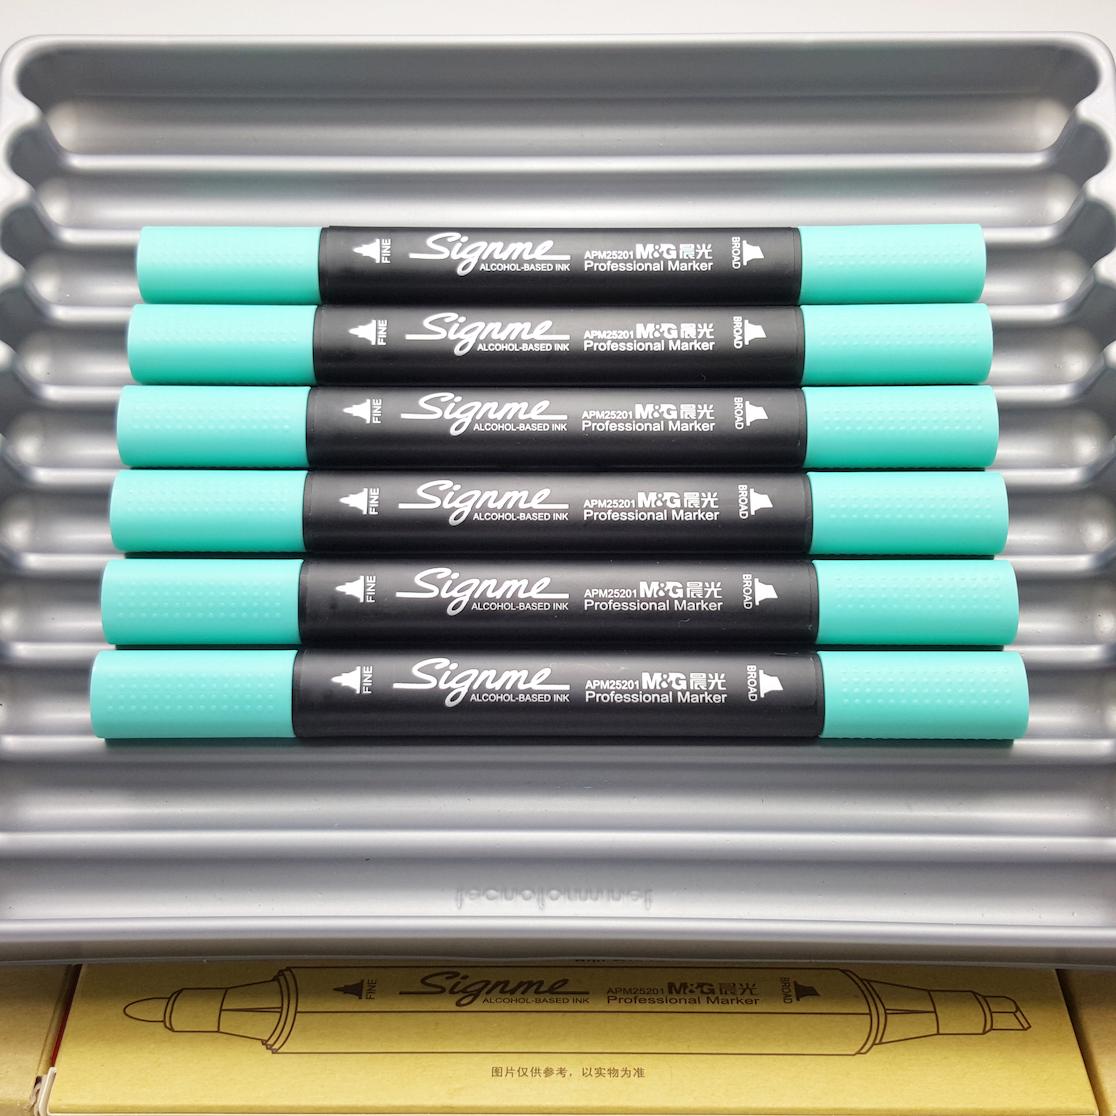 ปากกามาร์คเกอร์ไซน์มิ Signme Professional Marker - #058